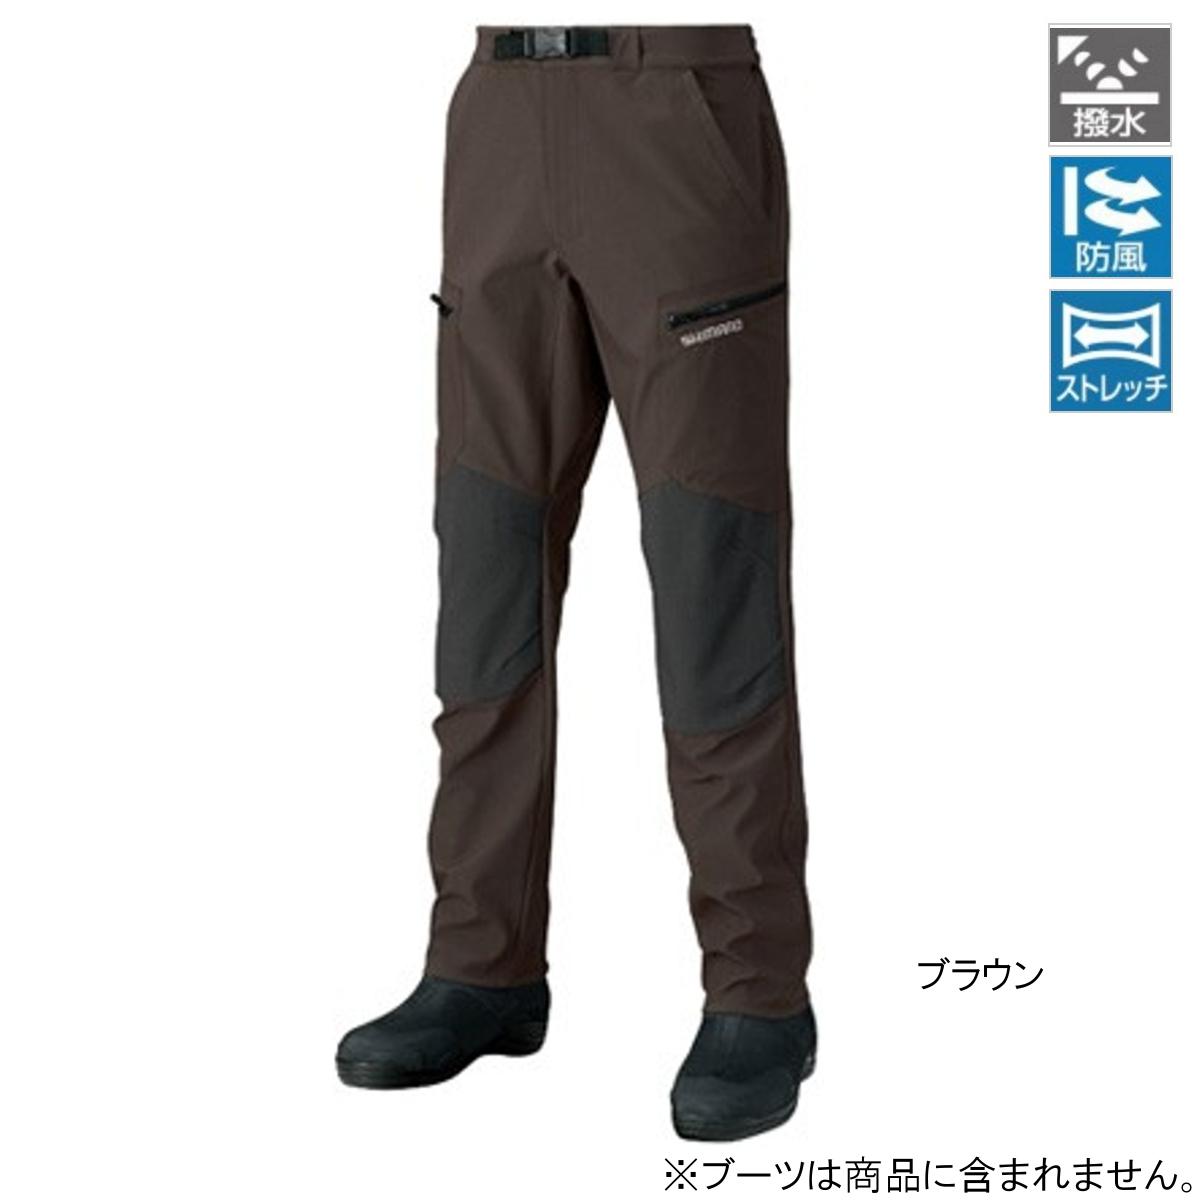 シマノ 防風ストレッチパンツ PA-045Q M ブラウン